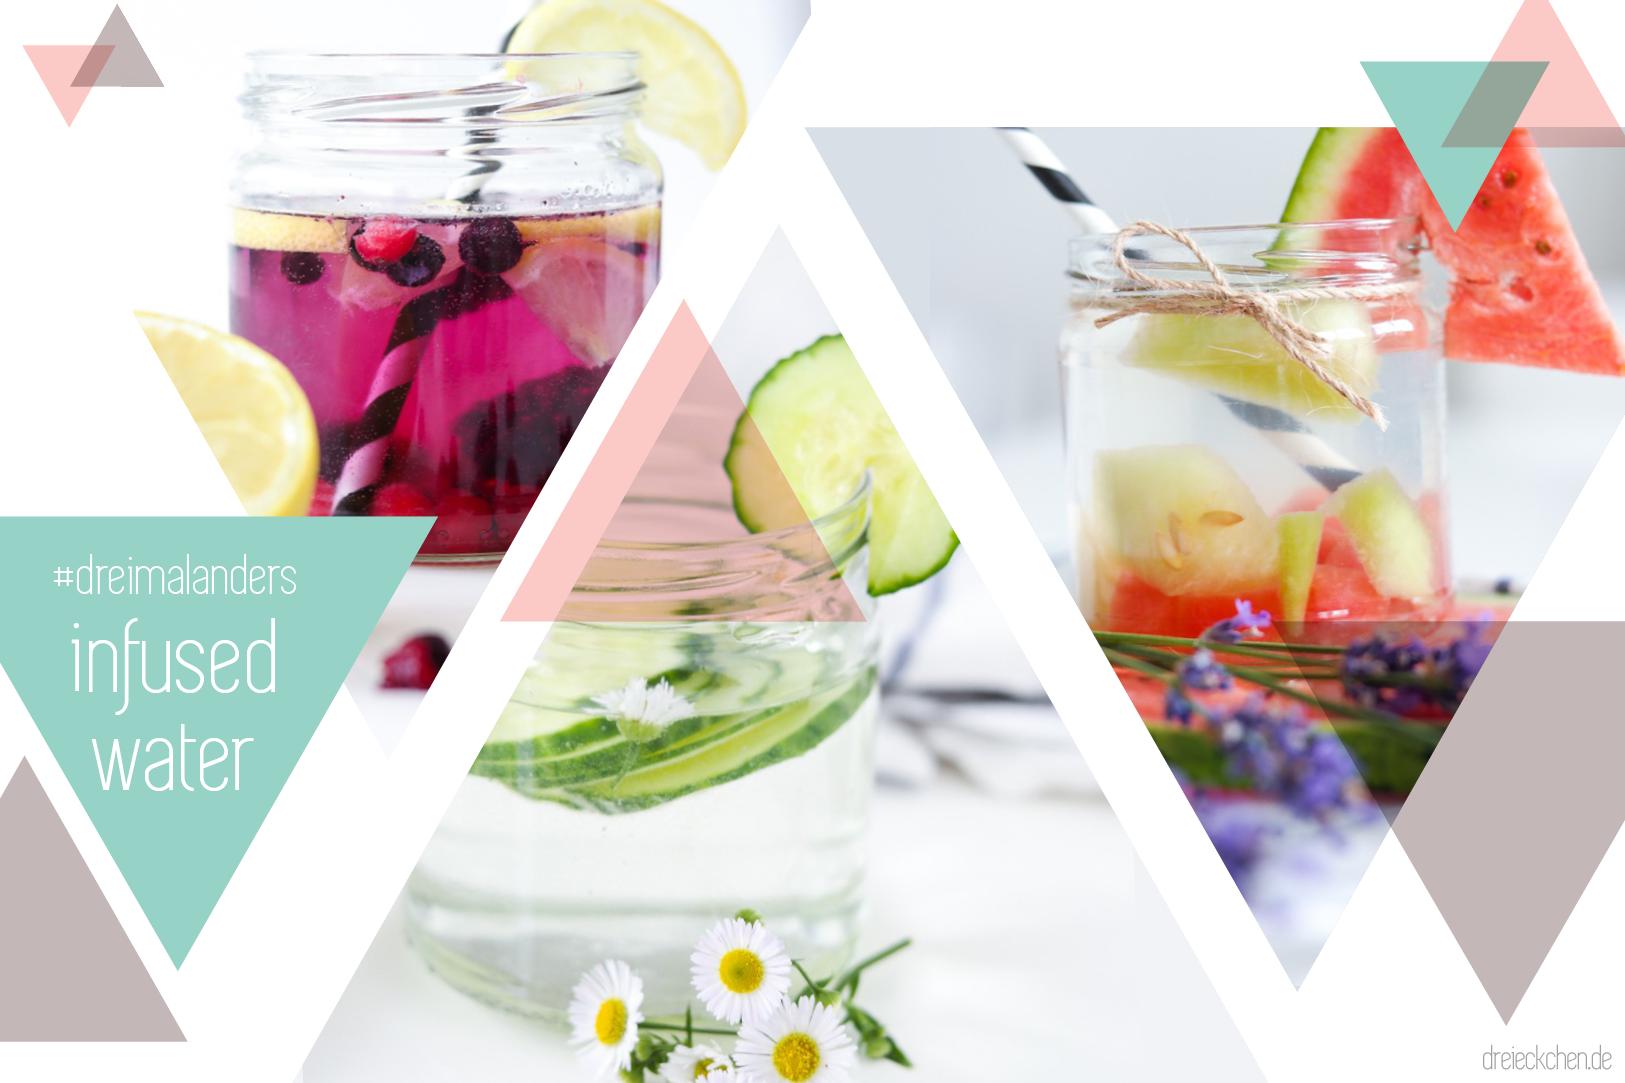 Rezept für infused water, wasser mit geschmack